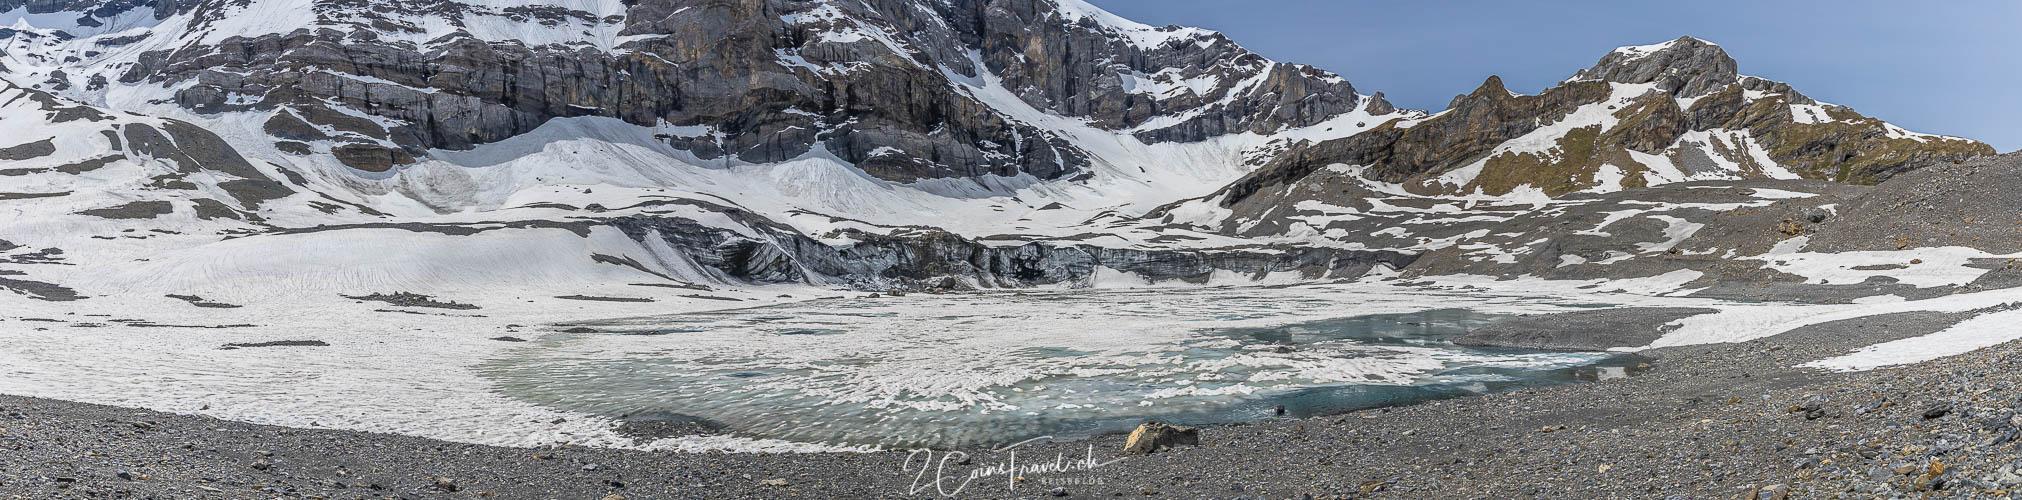 Gletschersee mit Schnee